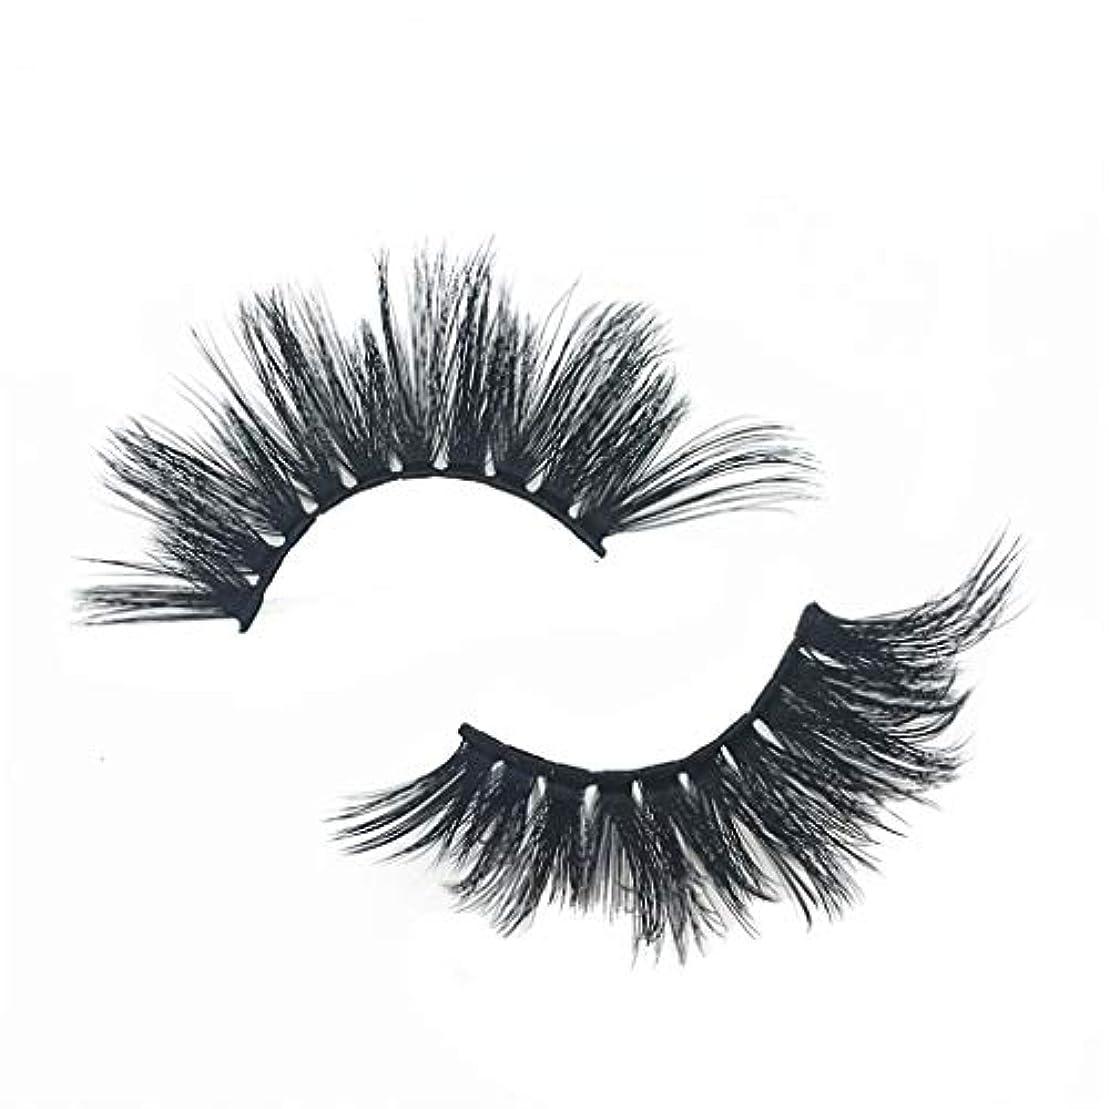 サーカス制裁シャーロックホームズセクシーパーティー3Dつけまつげまつ毛ボリュームのあるまつげ1ペアメイクまつげ